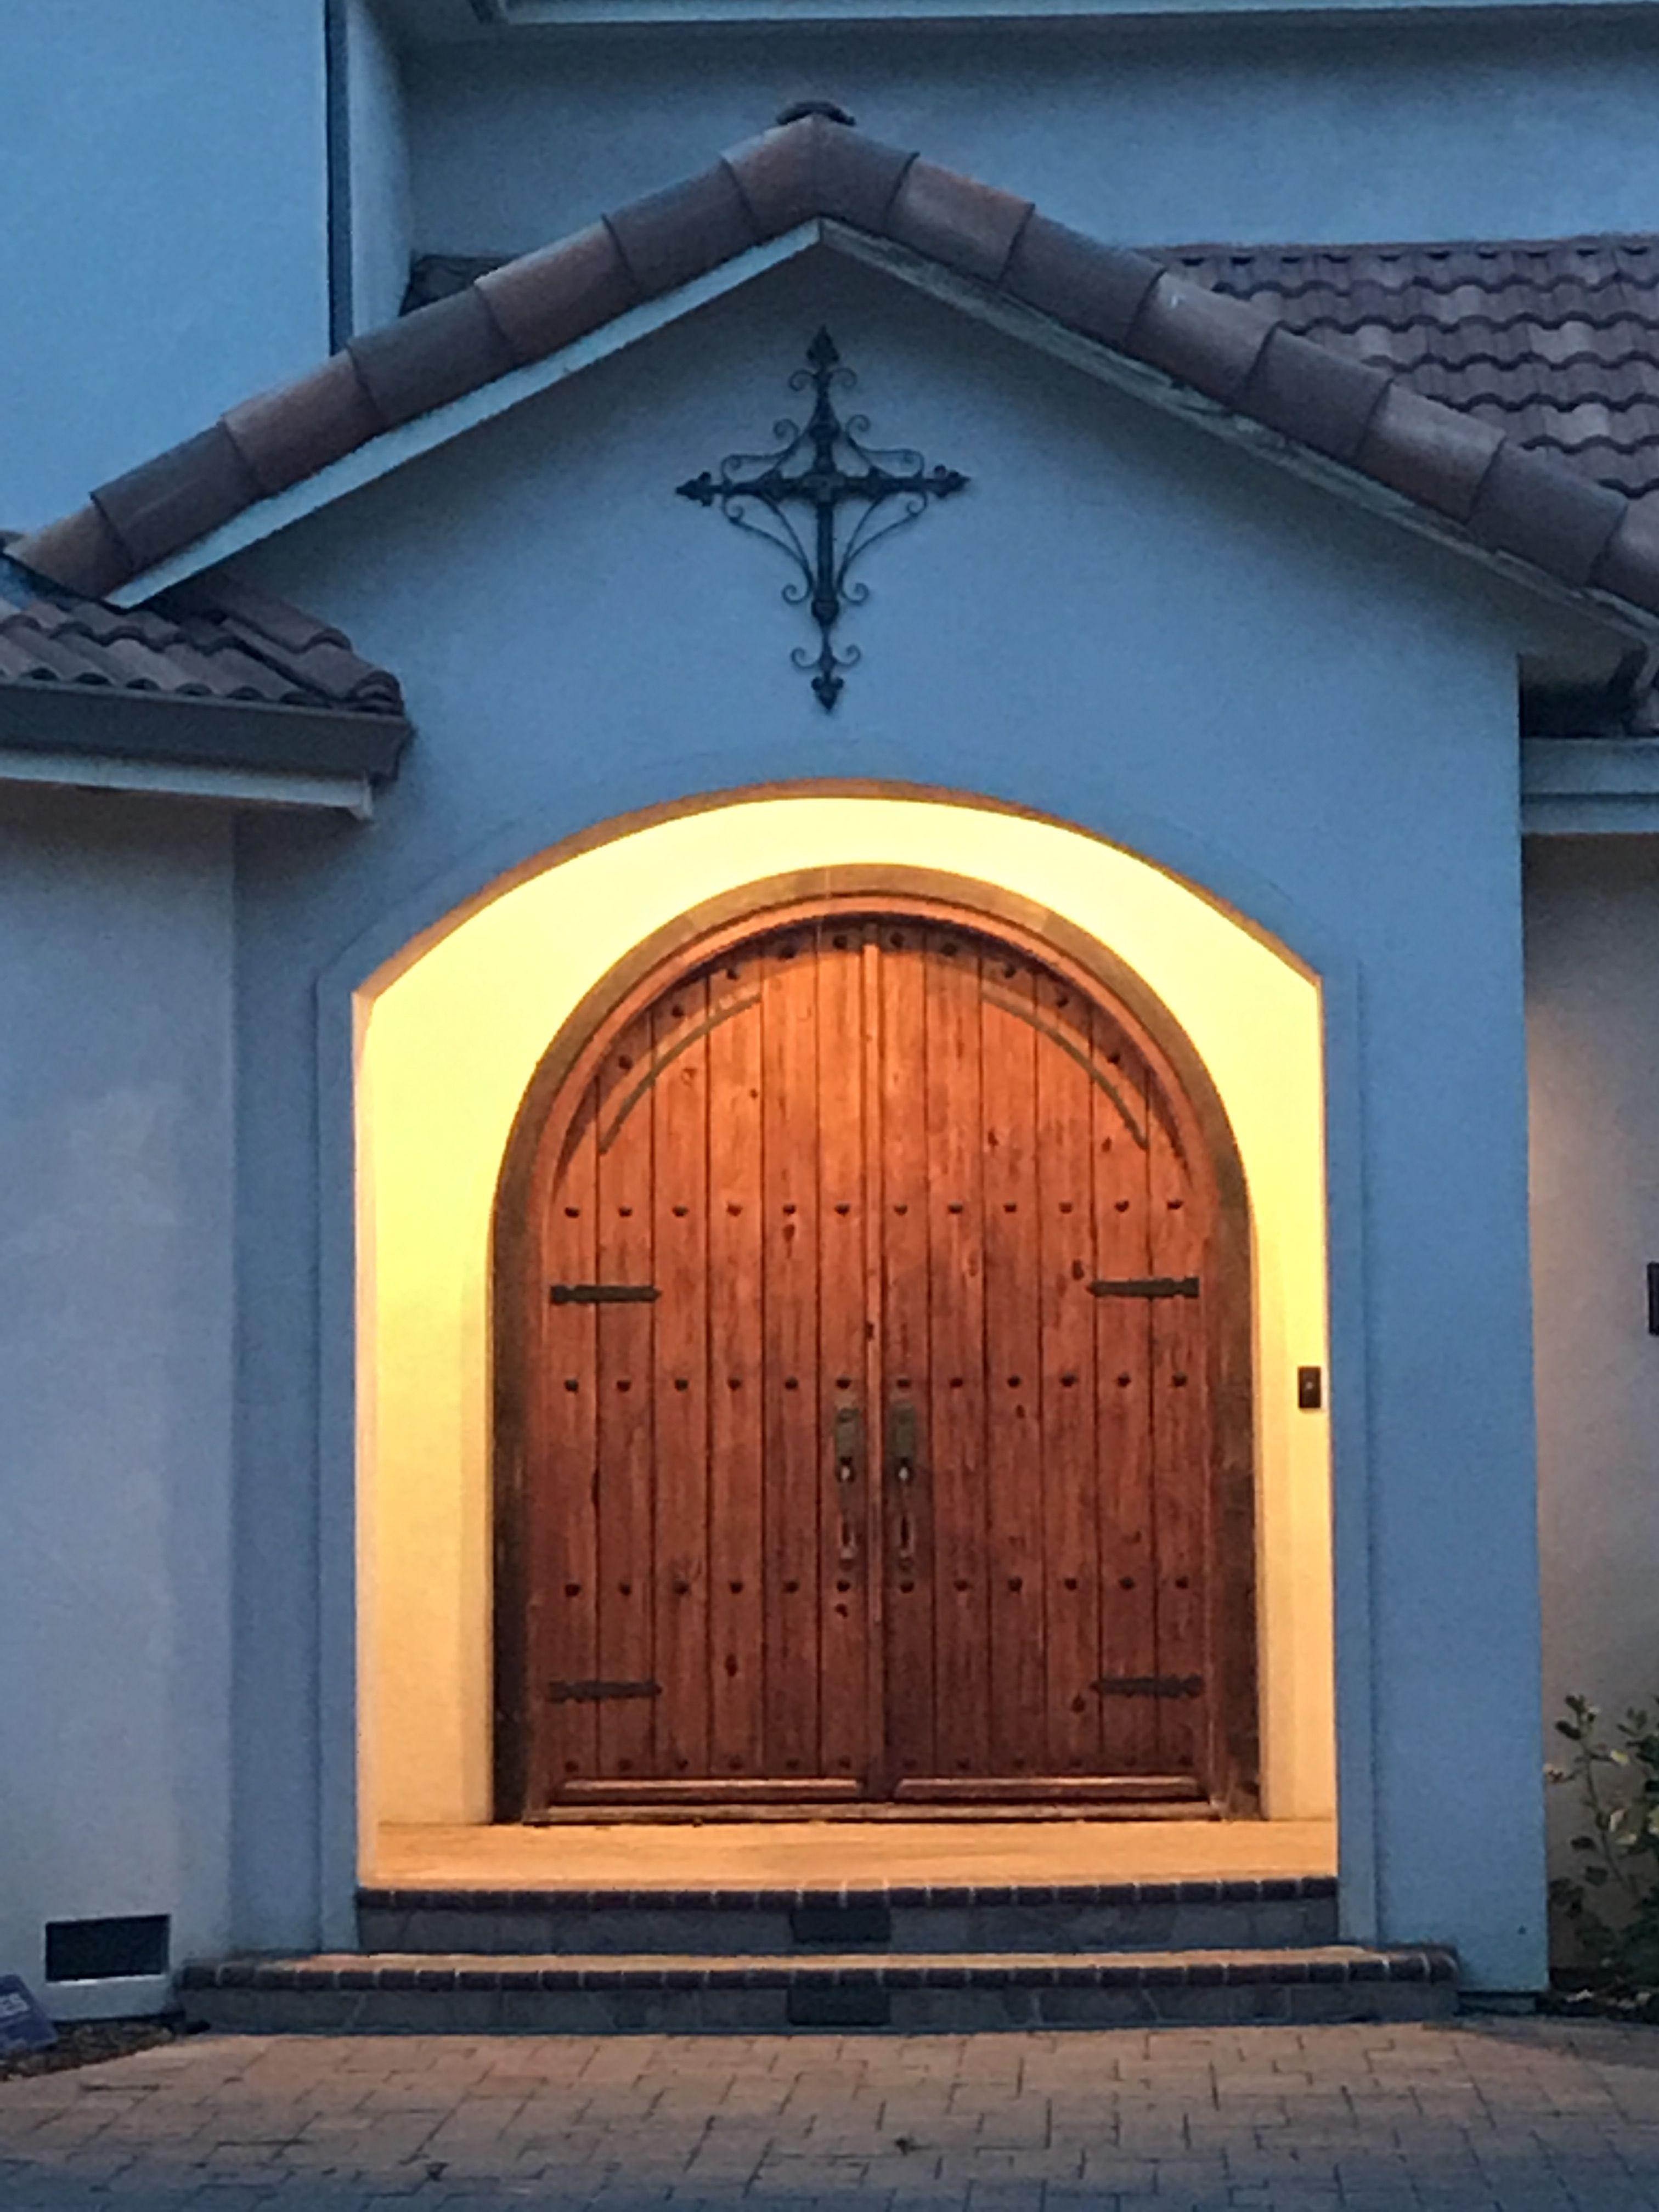 Campbell Ca Doors Of Life Garage Doors Doors Entrance